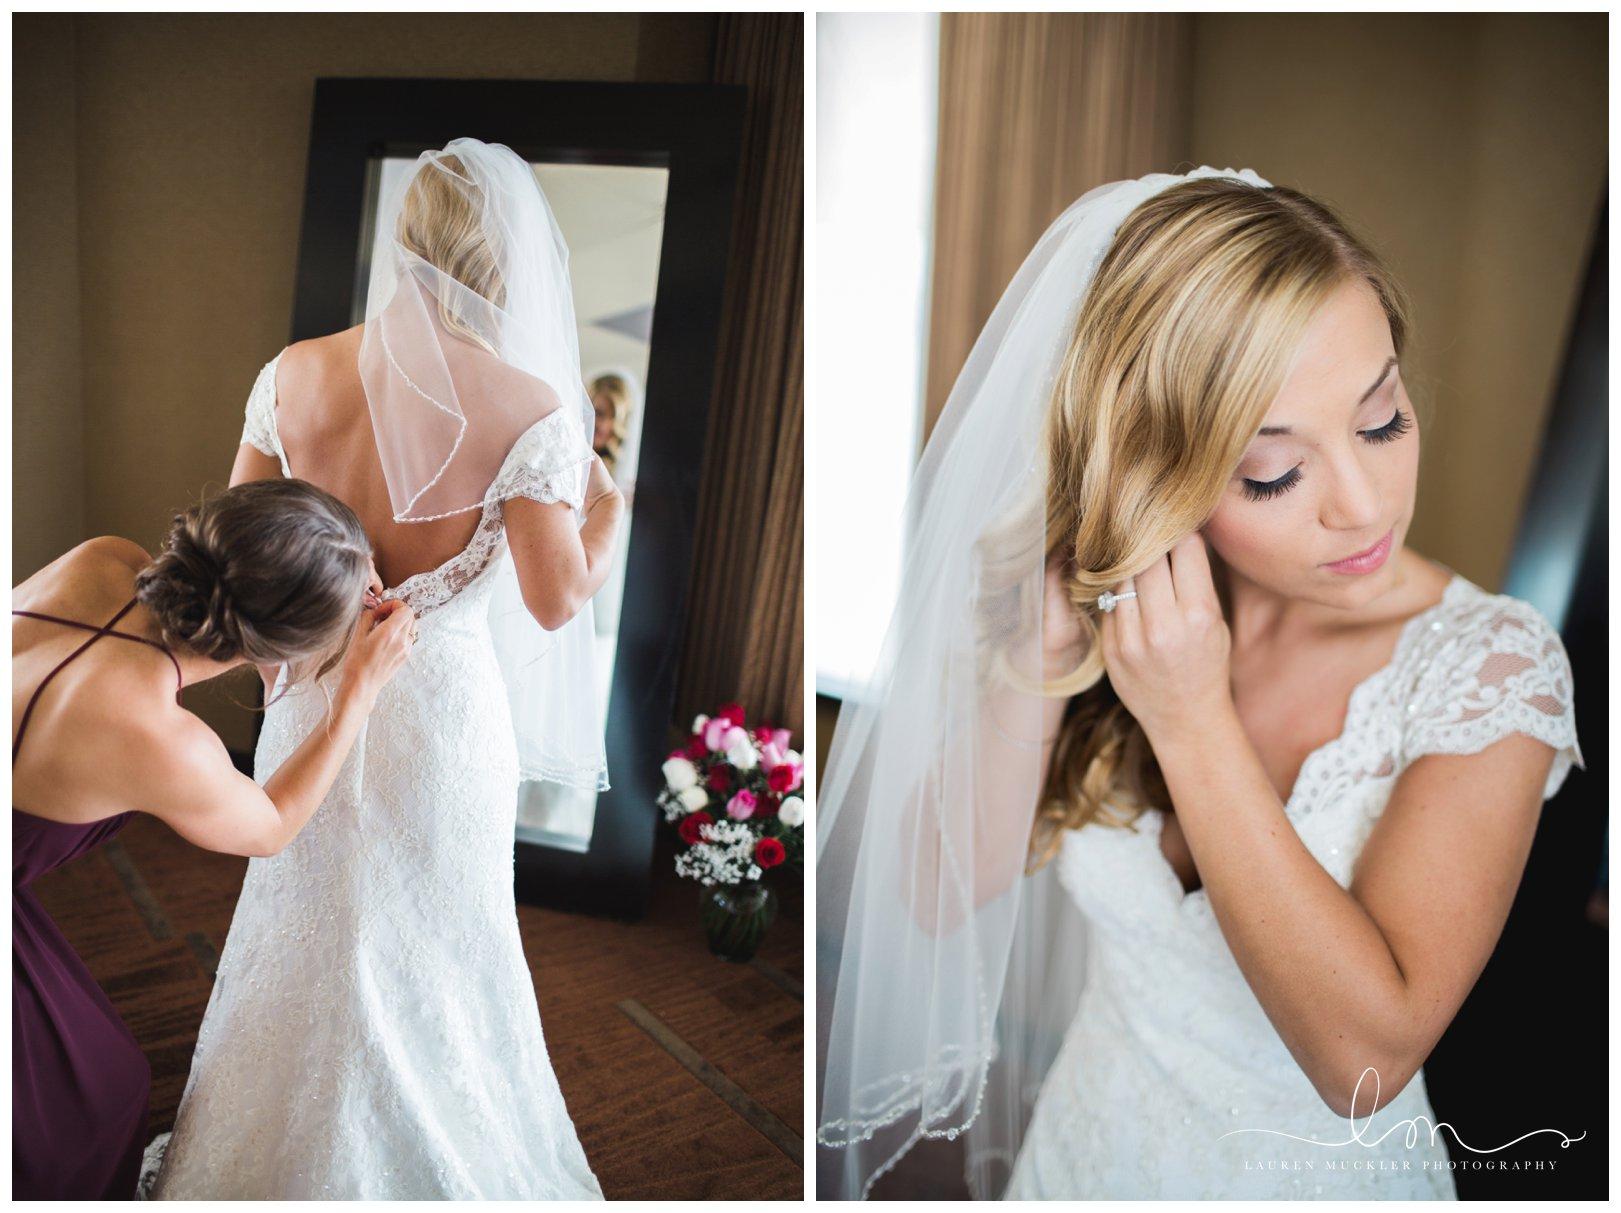 lauren muckler photography_fine art film wedding photography_st louis_photography_0808.jpg